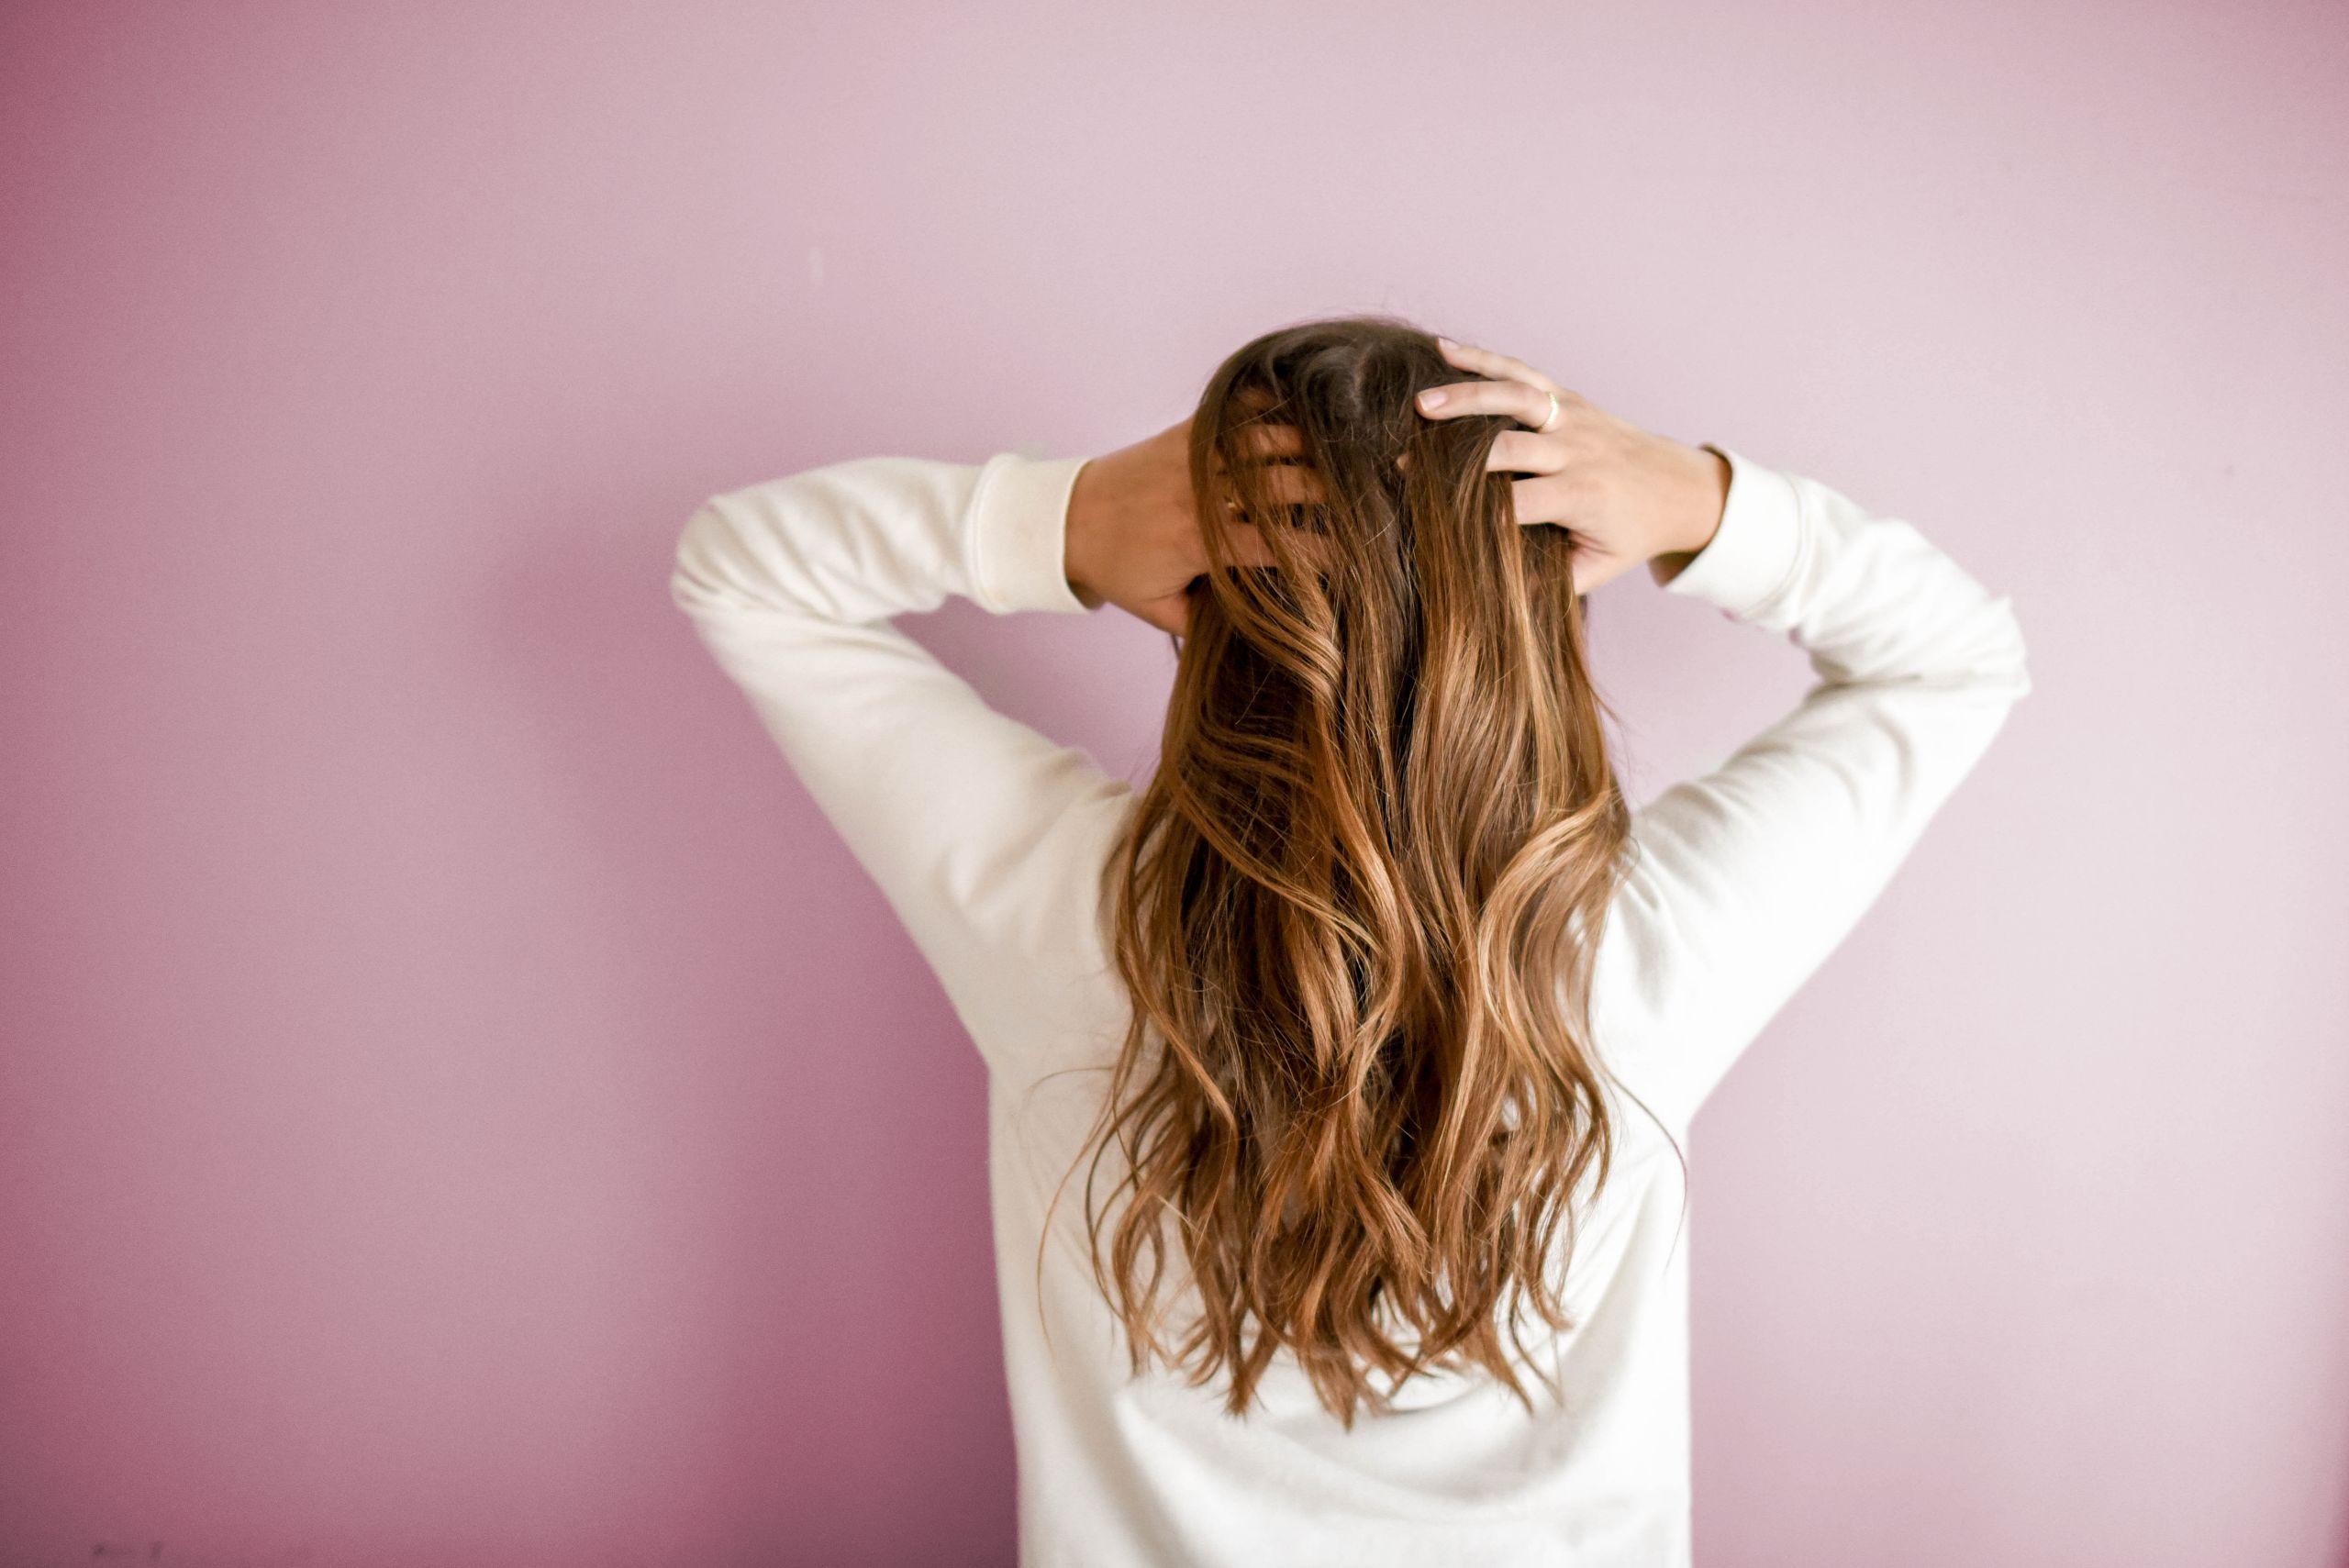 5 luksus hårplejeprodukter fra Kerastase du sparer penge på